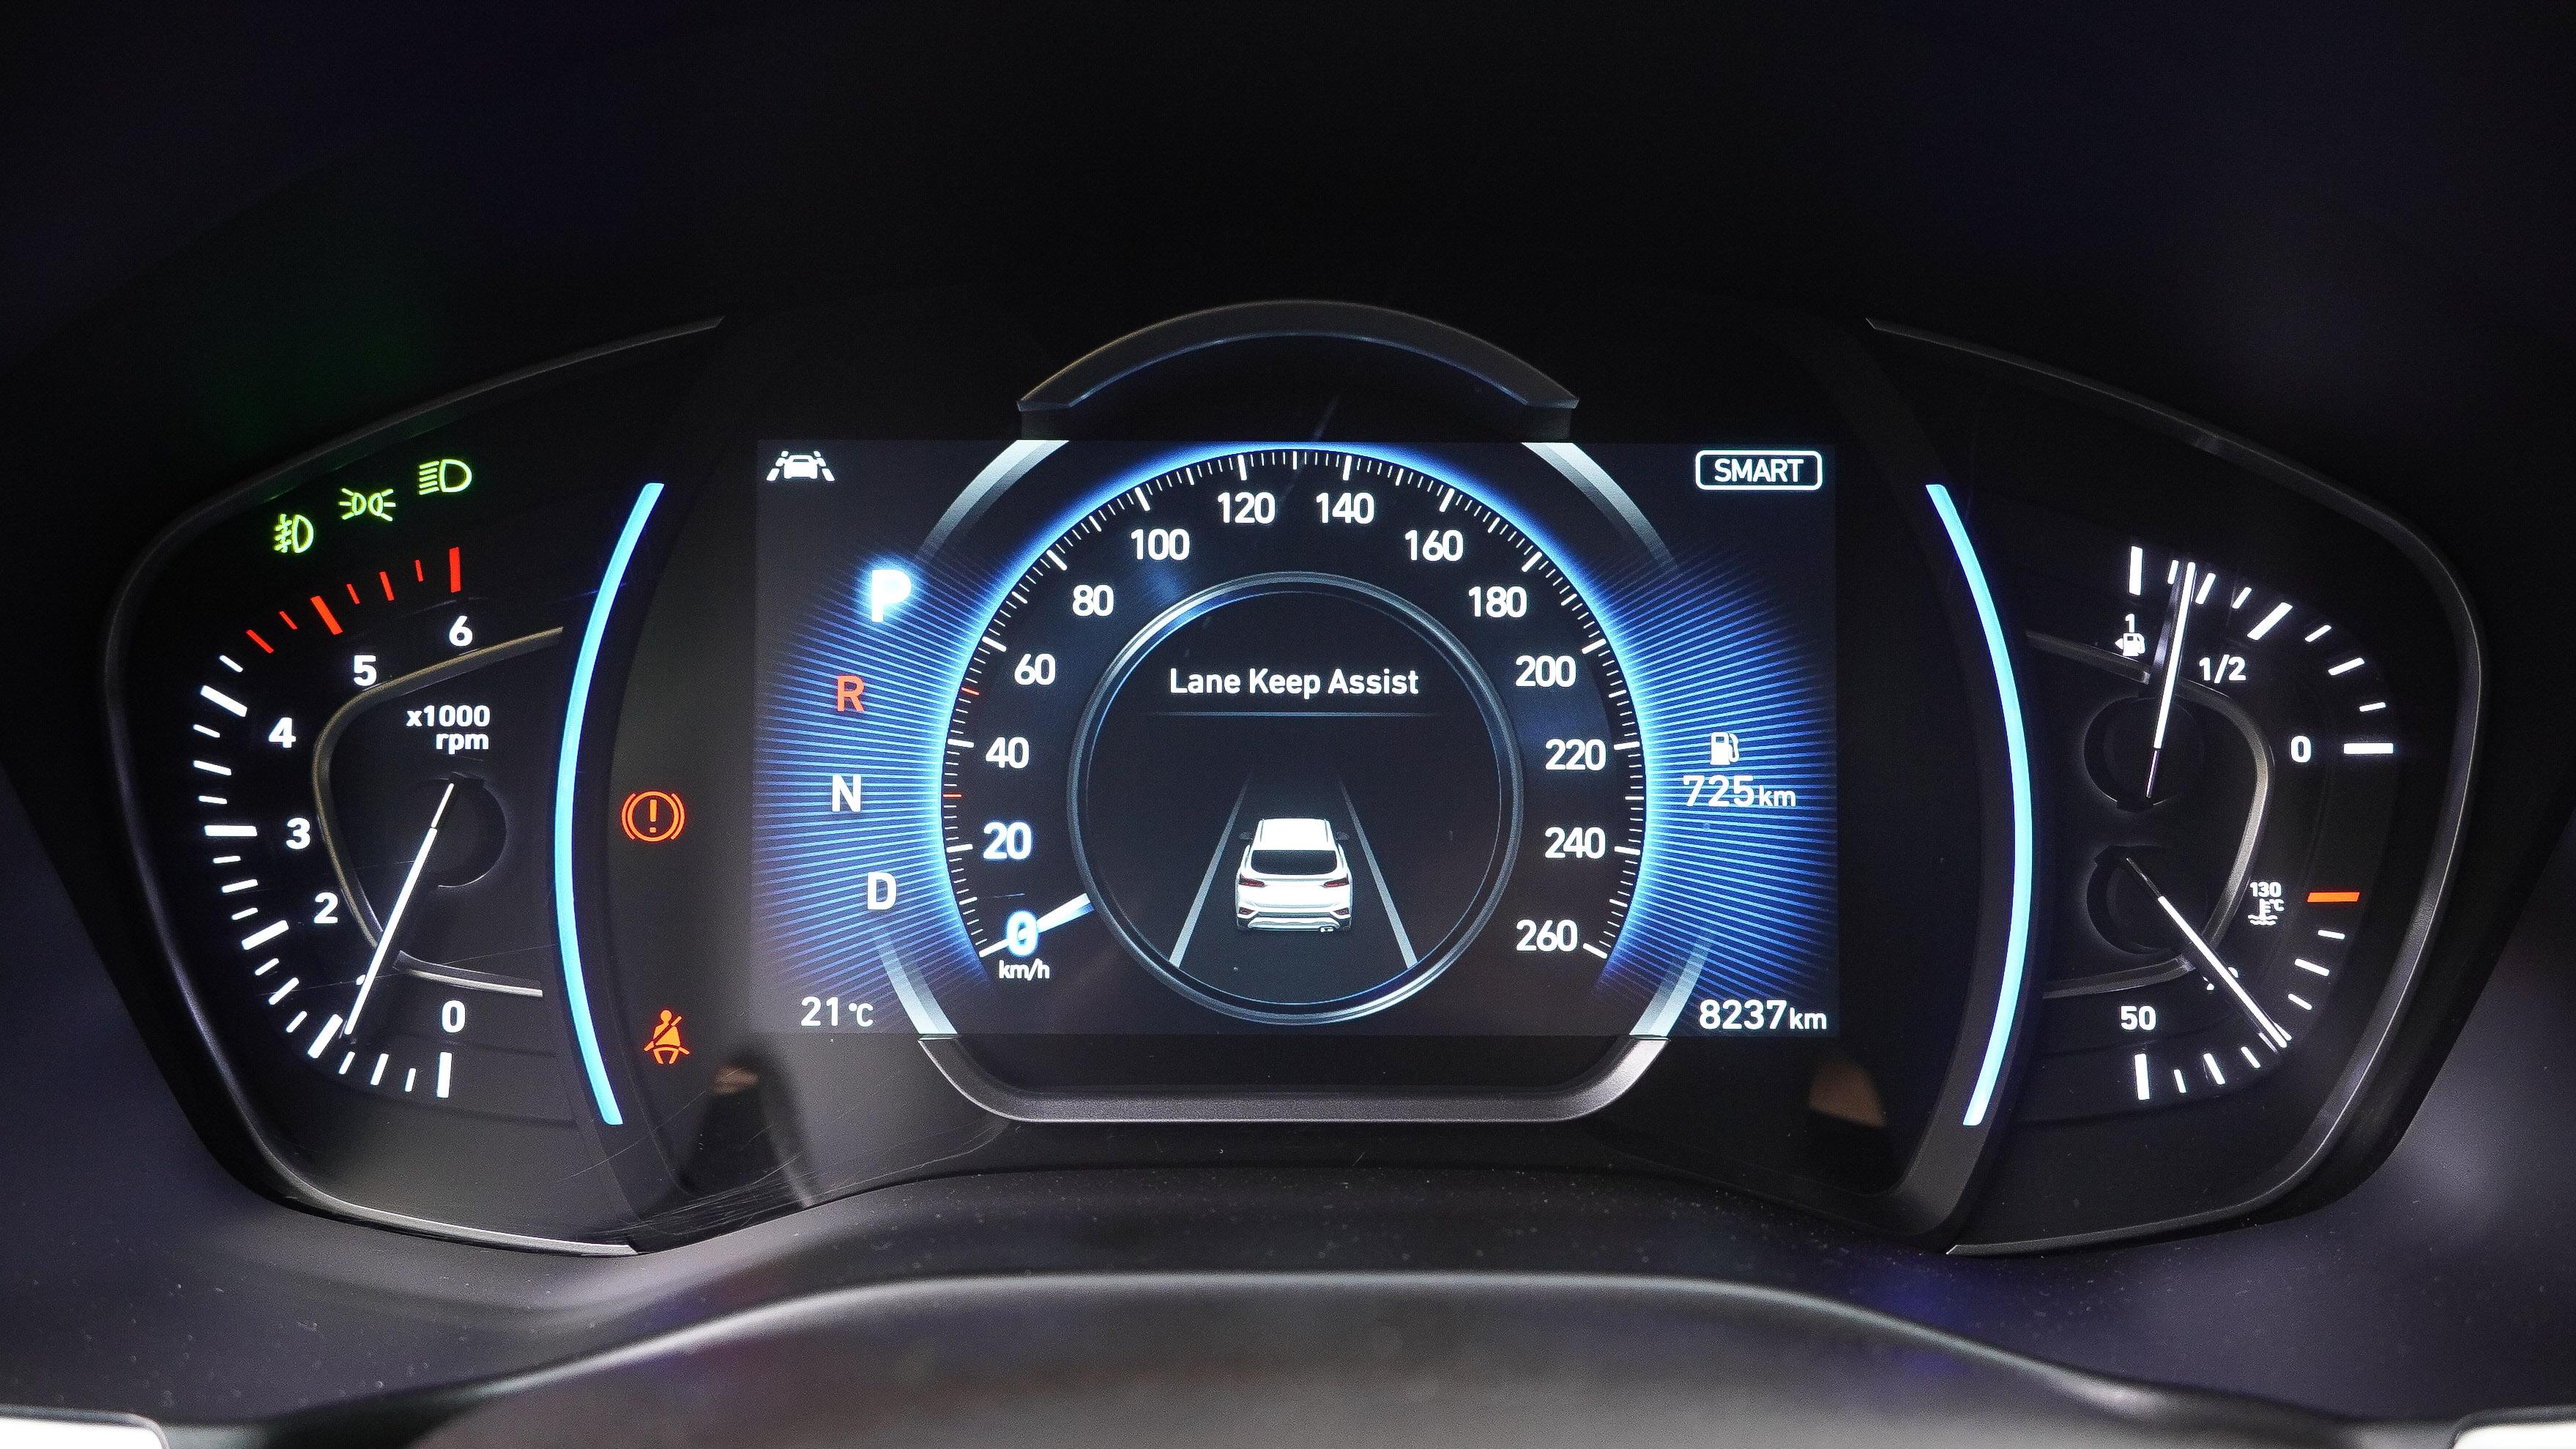 內圈可顯示 Level 2 駕駛輔助圖資。